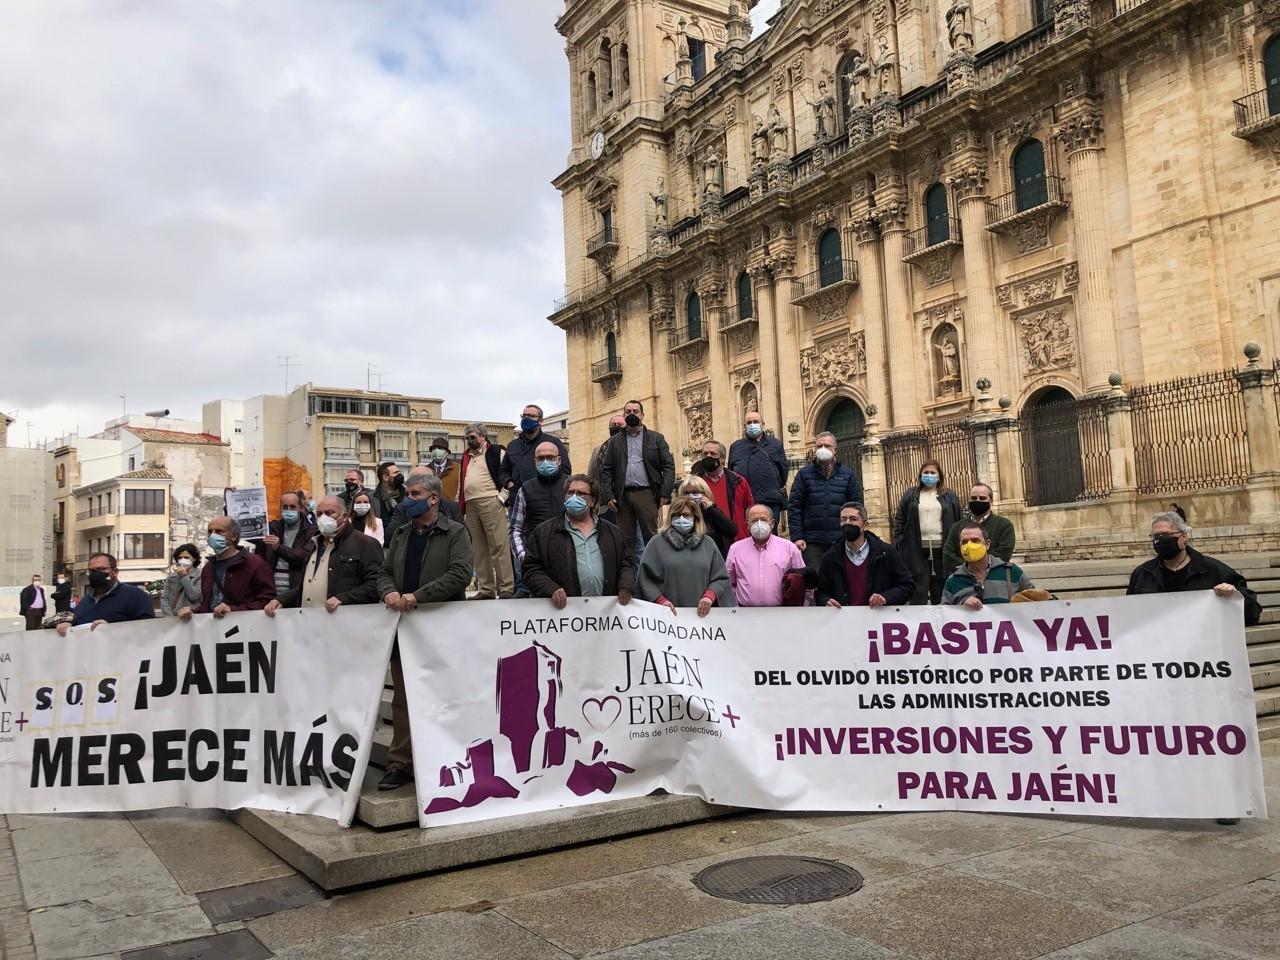 Concentración de dirigentes de Jaén Merece Más en la plaza de Santa María de Jaén.